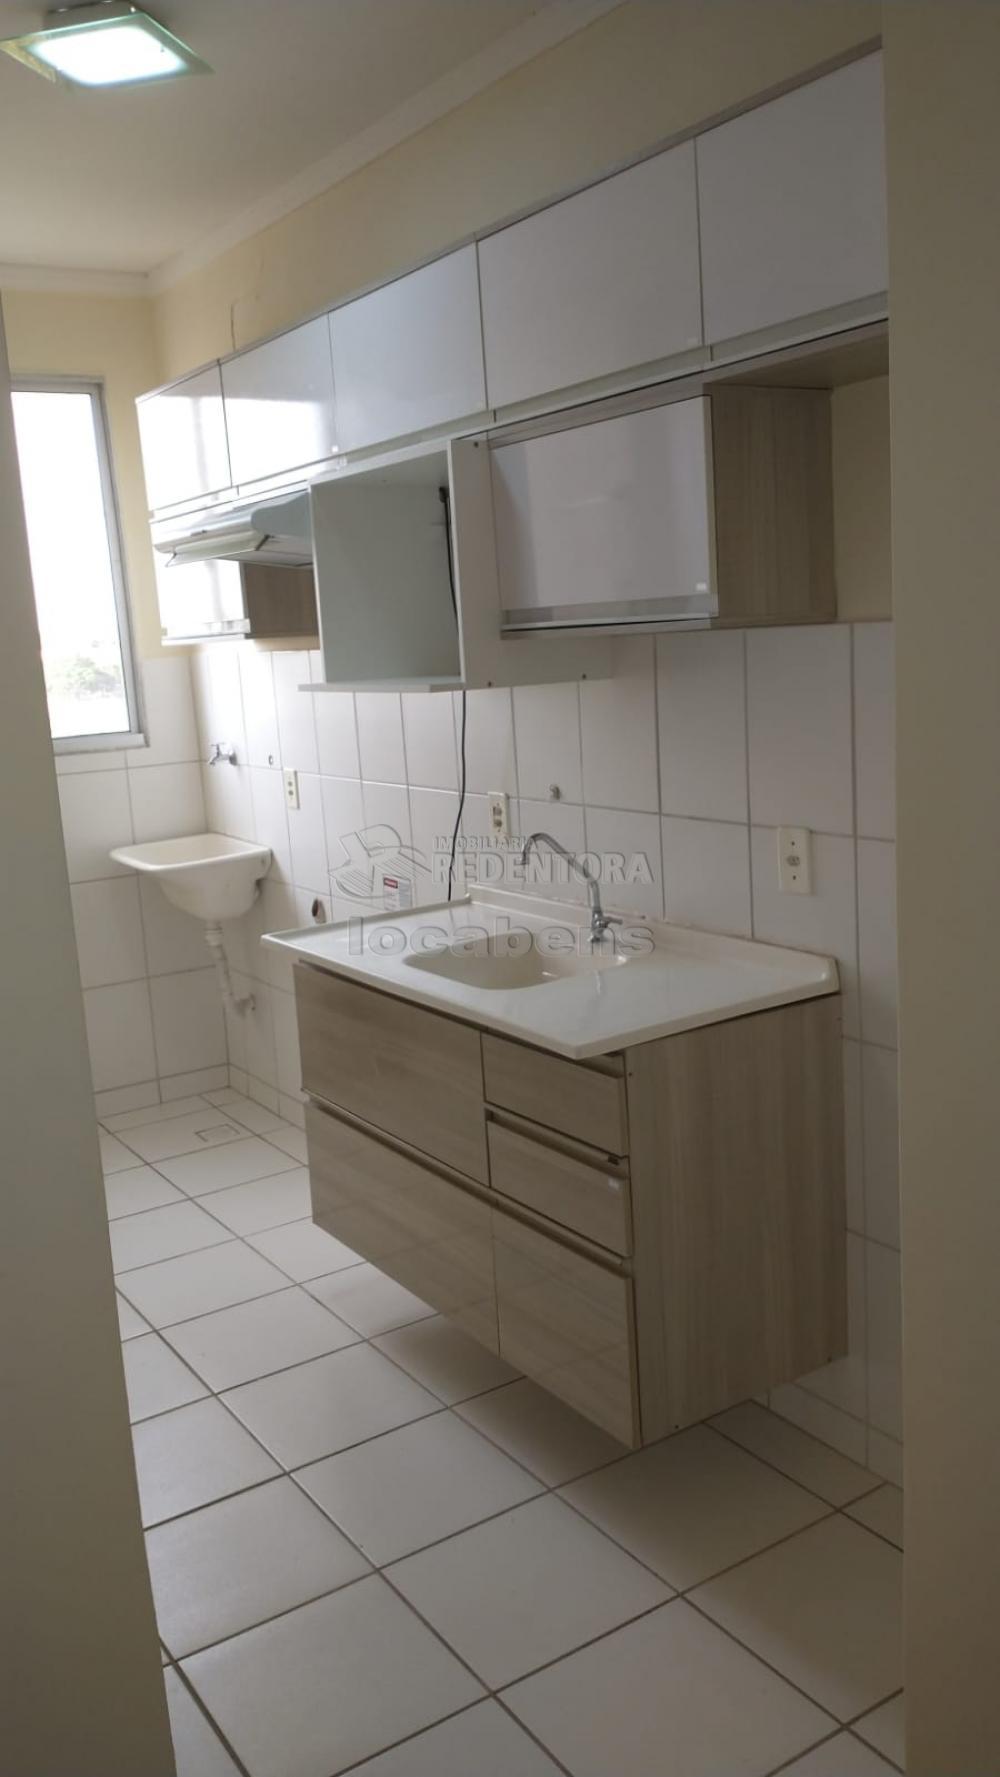 Alugar Apartamento / Padrão em São José do Rio Preto apenas R$ 795,00 - Foto 15